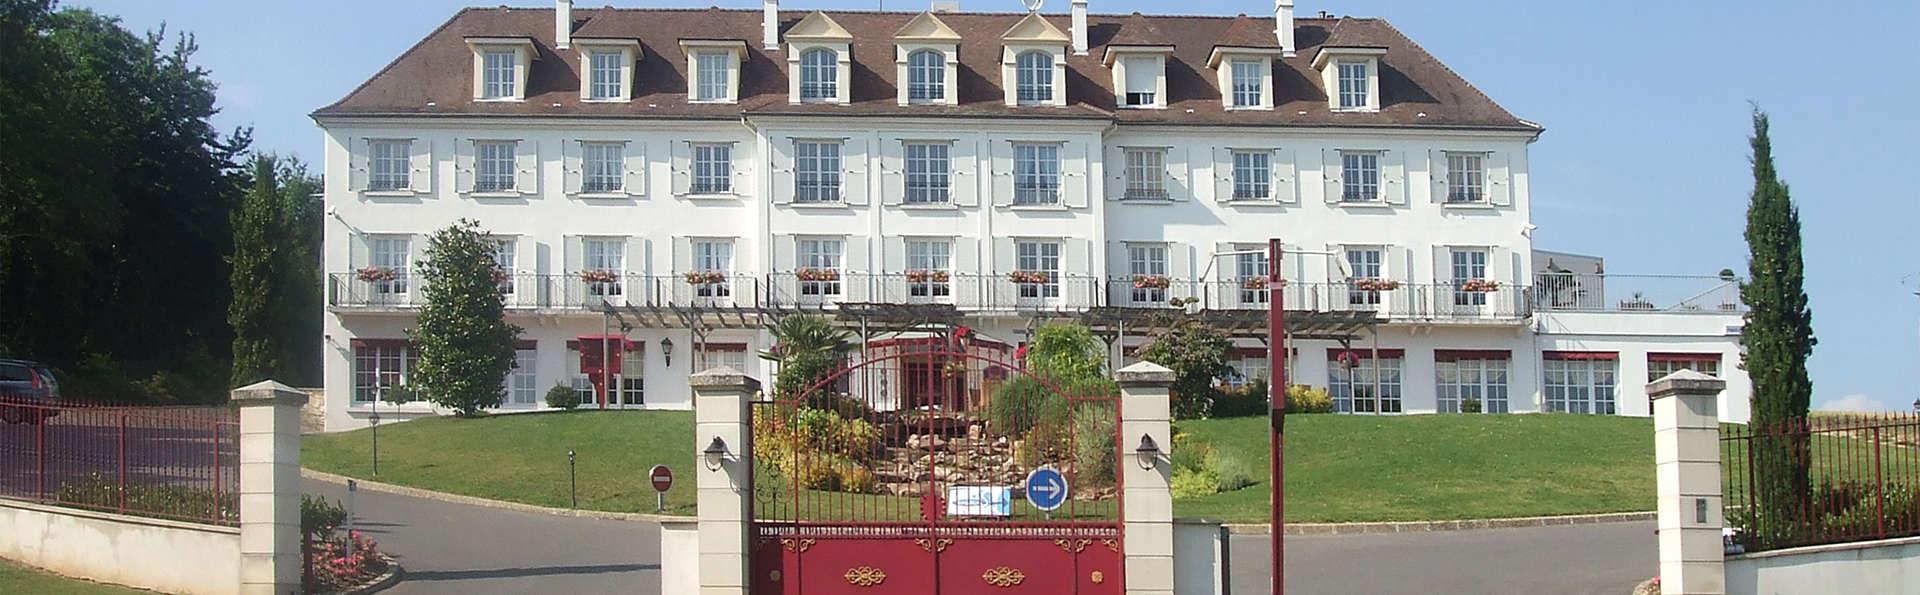 H tel ile de france h tel de charme ch teau thierry for Hotel jacuzzi ile de france